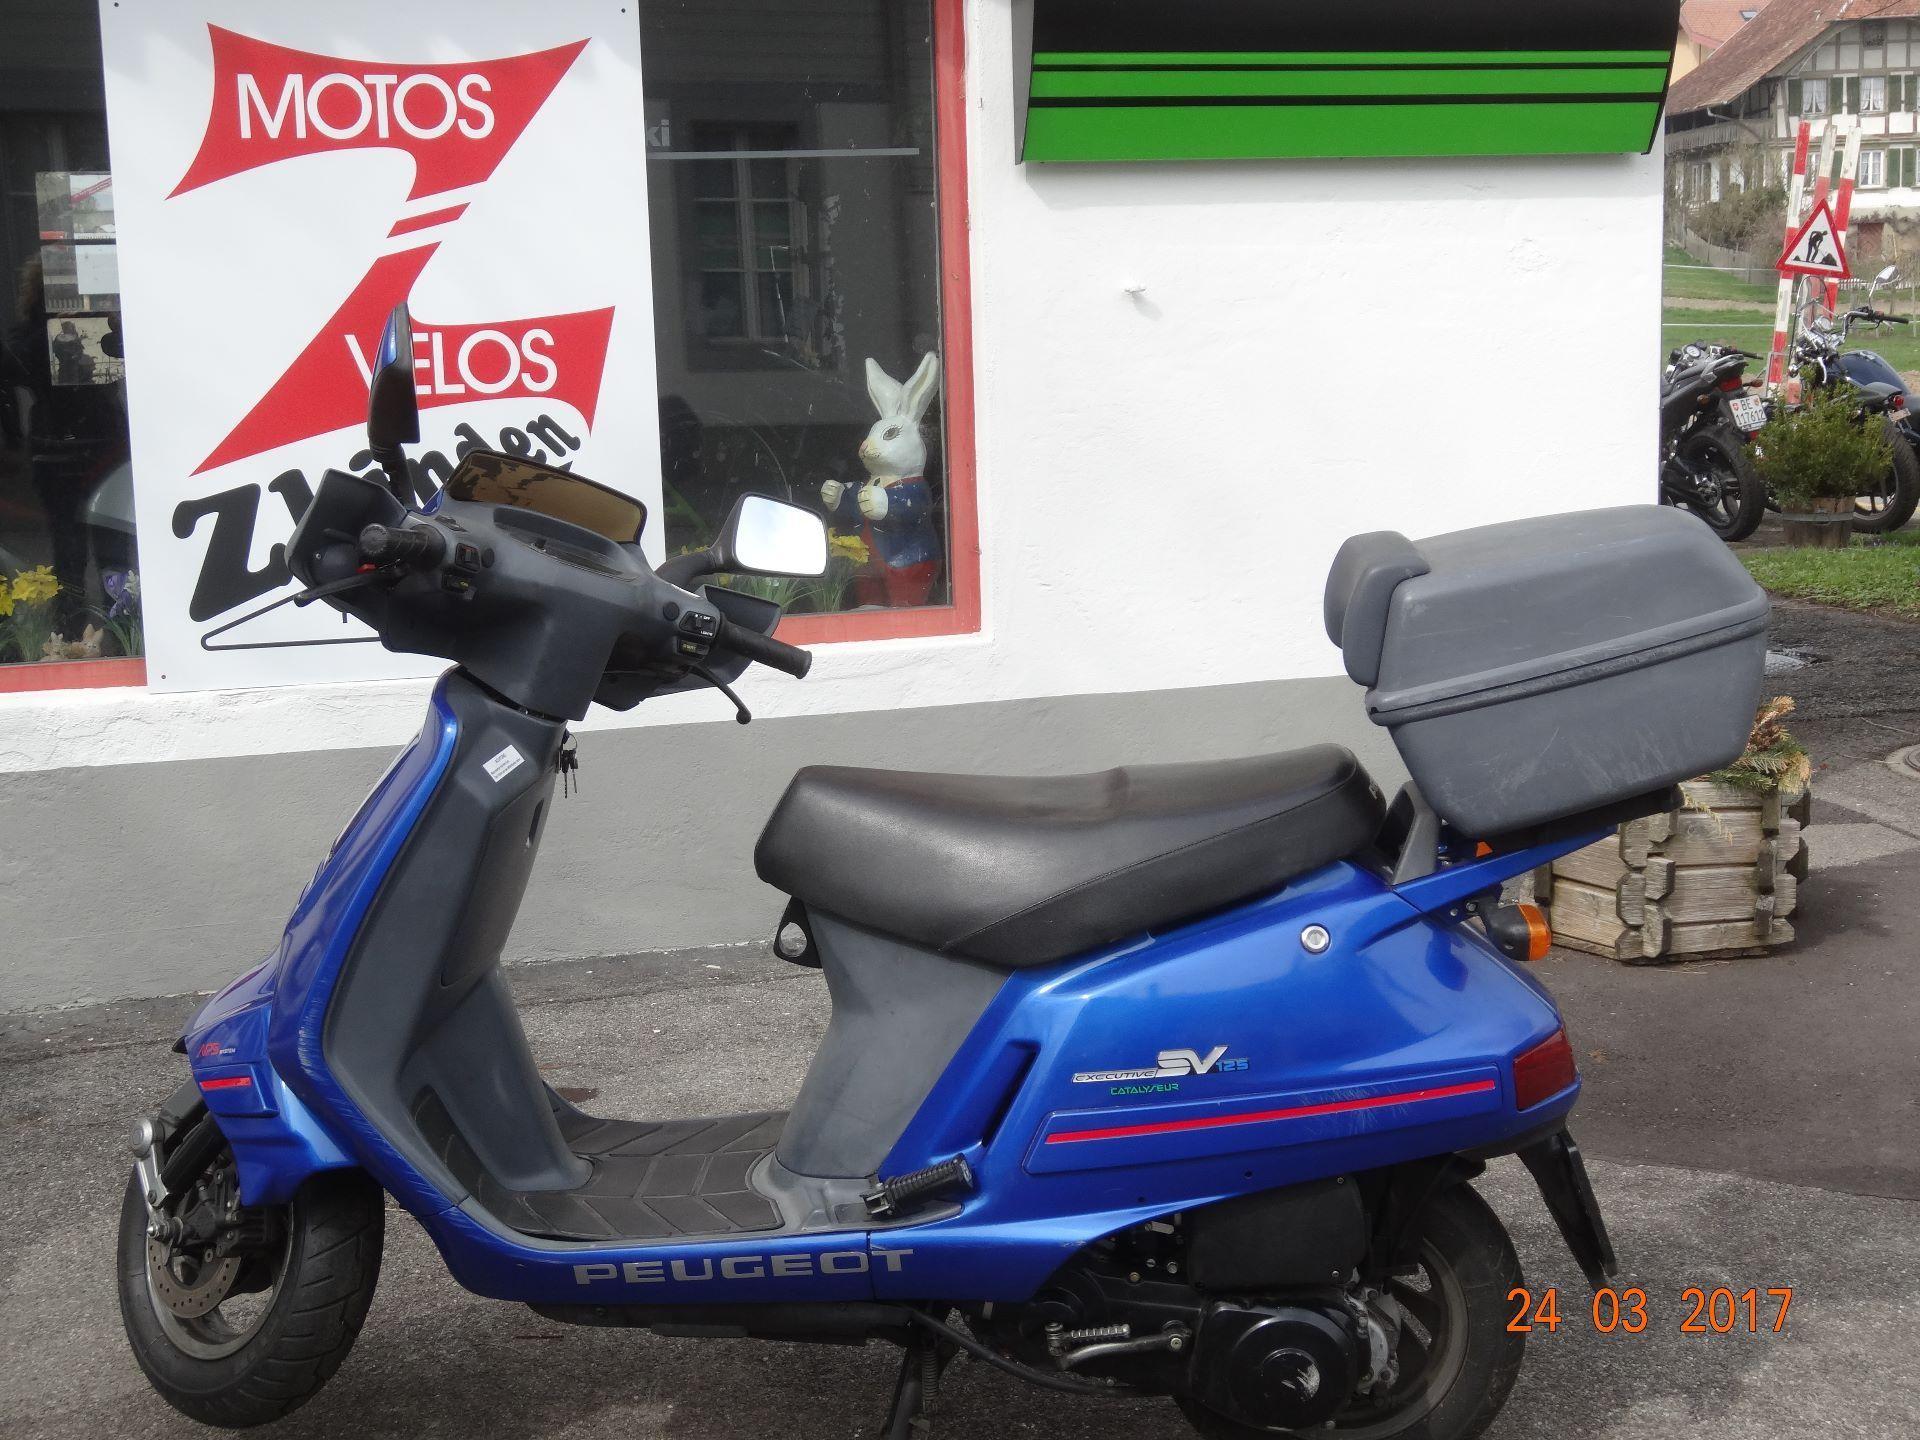 moto occasions acheter peugeot sv 125 c a i zbinden. Black Bedroom Furniture Sets. Home Design Ideas